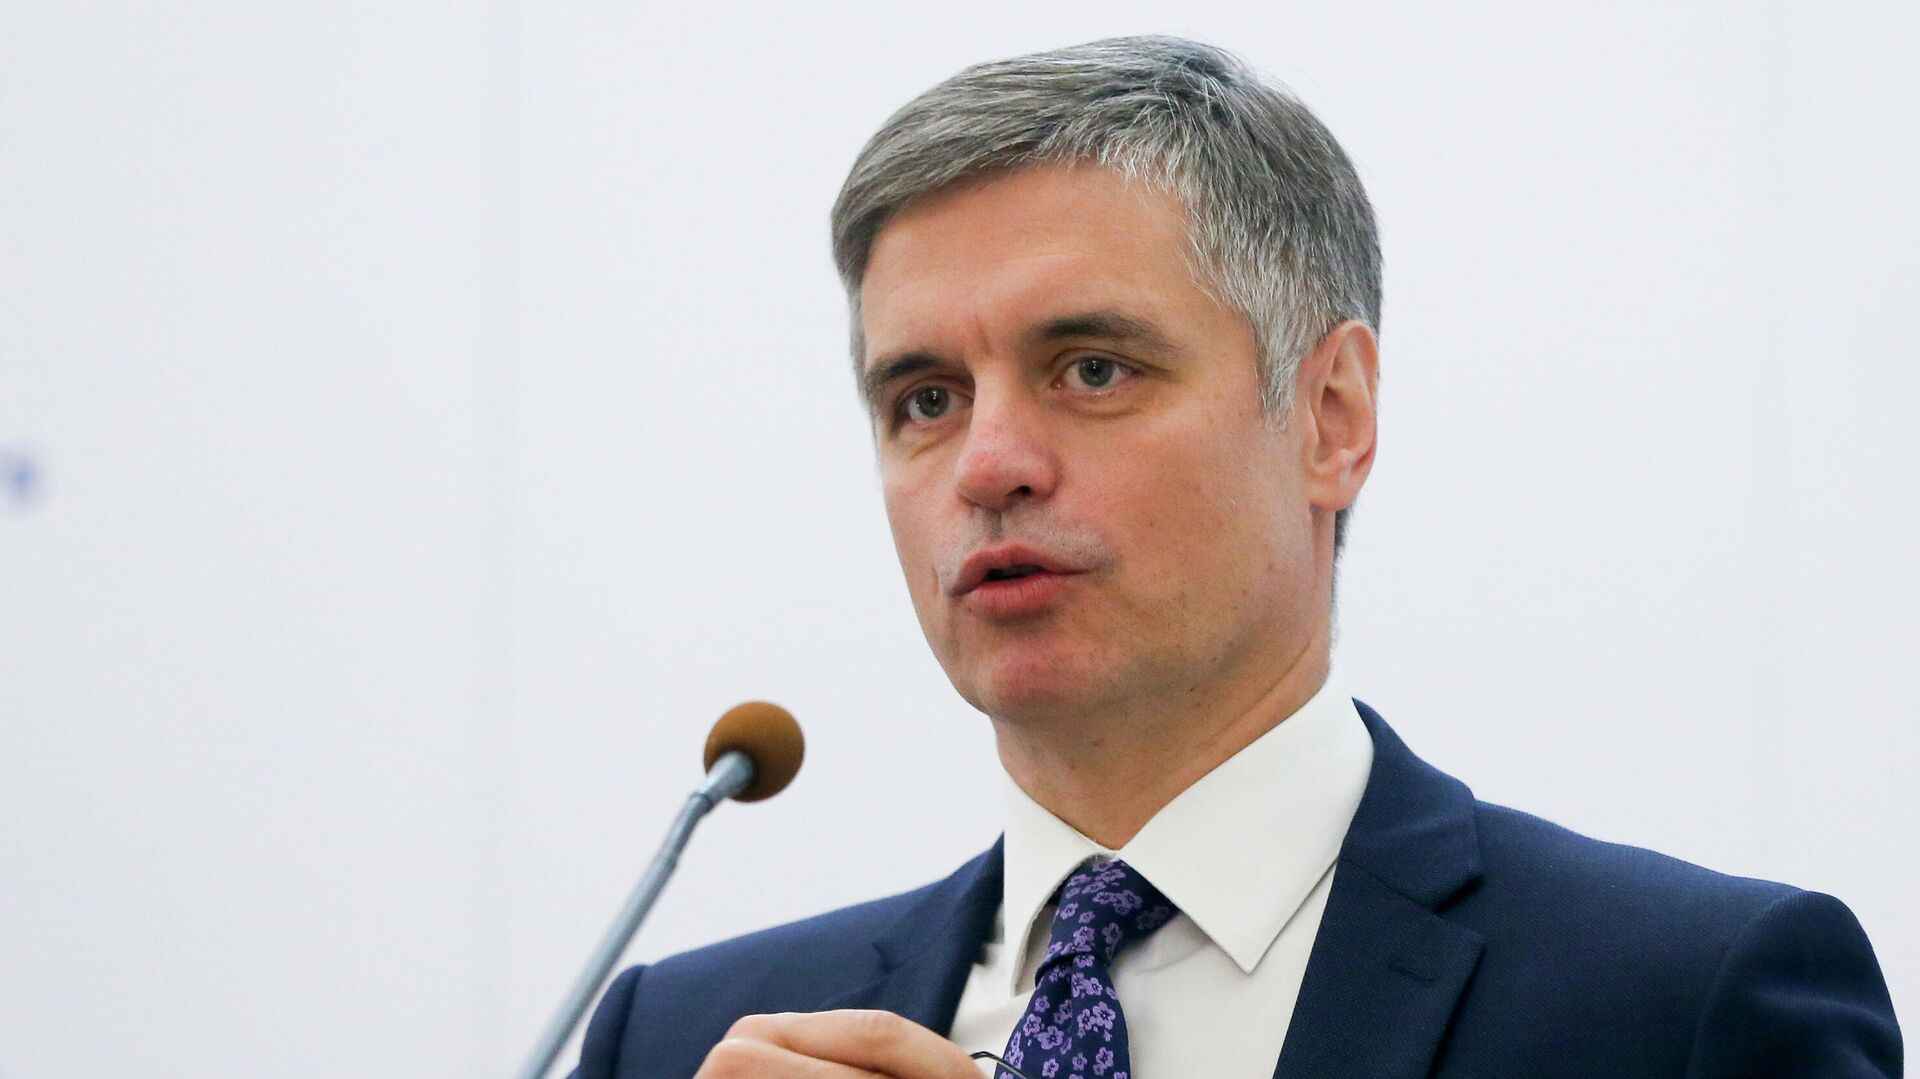 Министр иностранных дел Украины Вадим Пристайко - РИА Новости, 1920, 04.07.2021